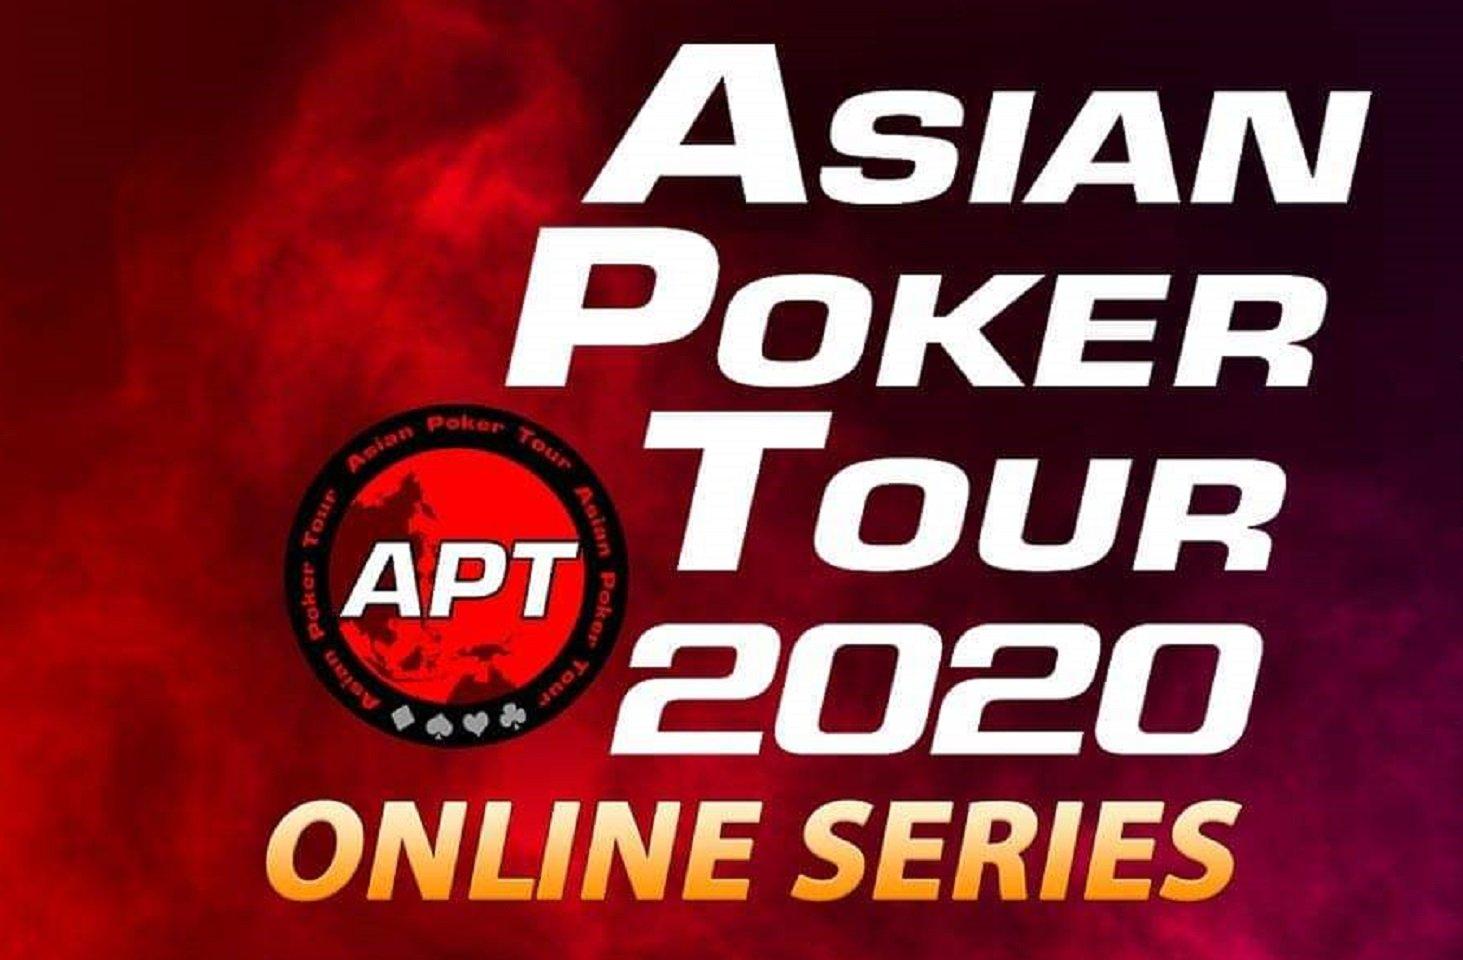 APT Online Series 2020 2nd Edition - Full Schedule